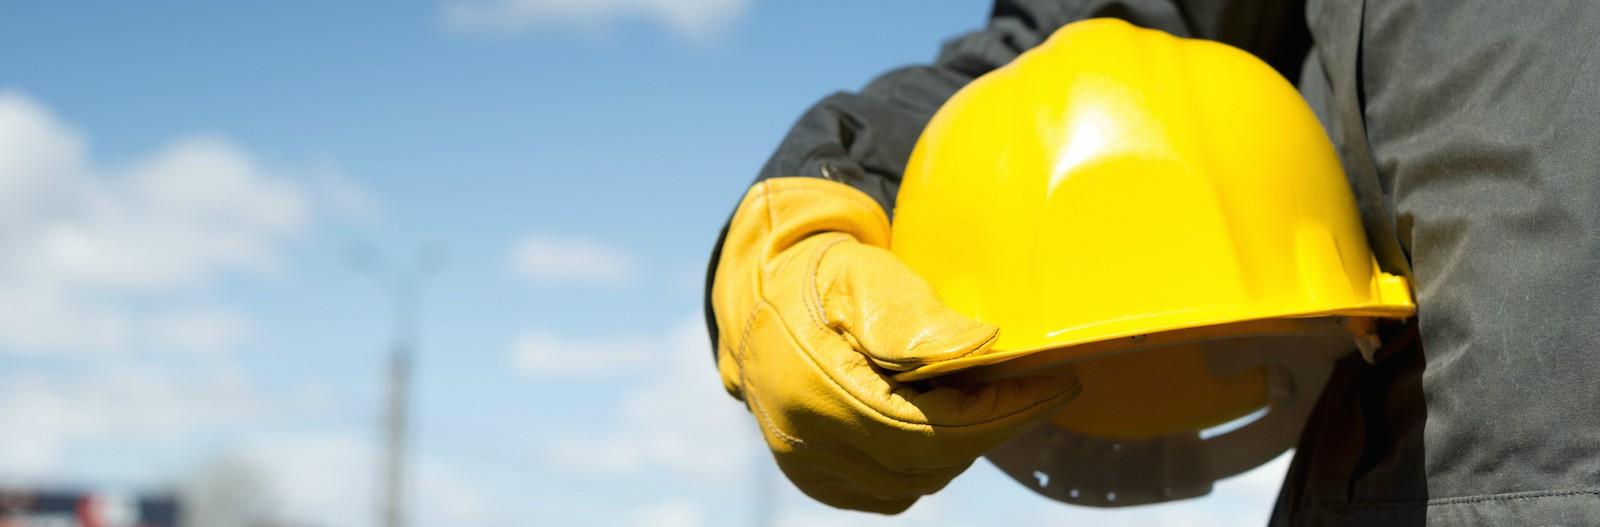 Segurança e Saúde no Trabalho – ISO 45001:2018